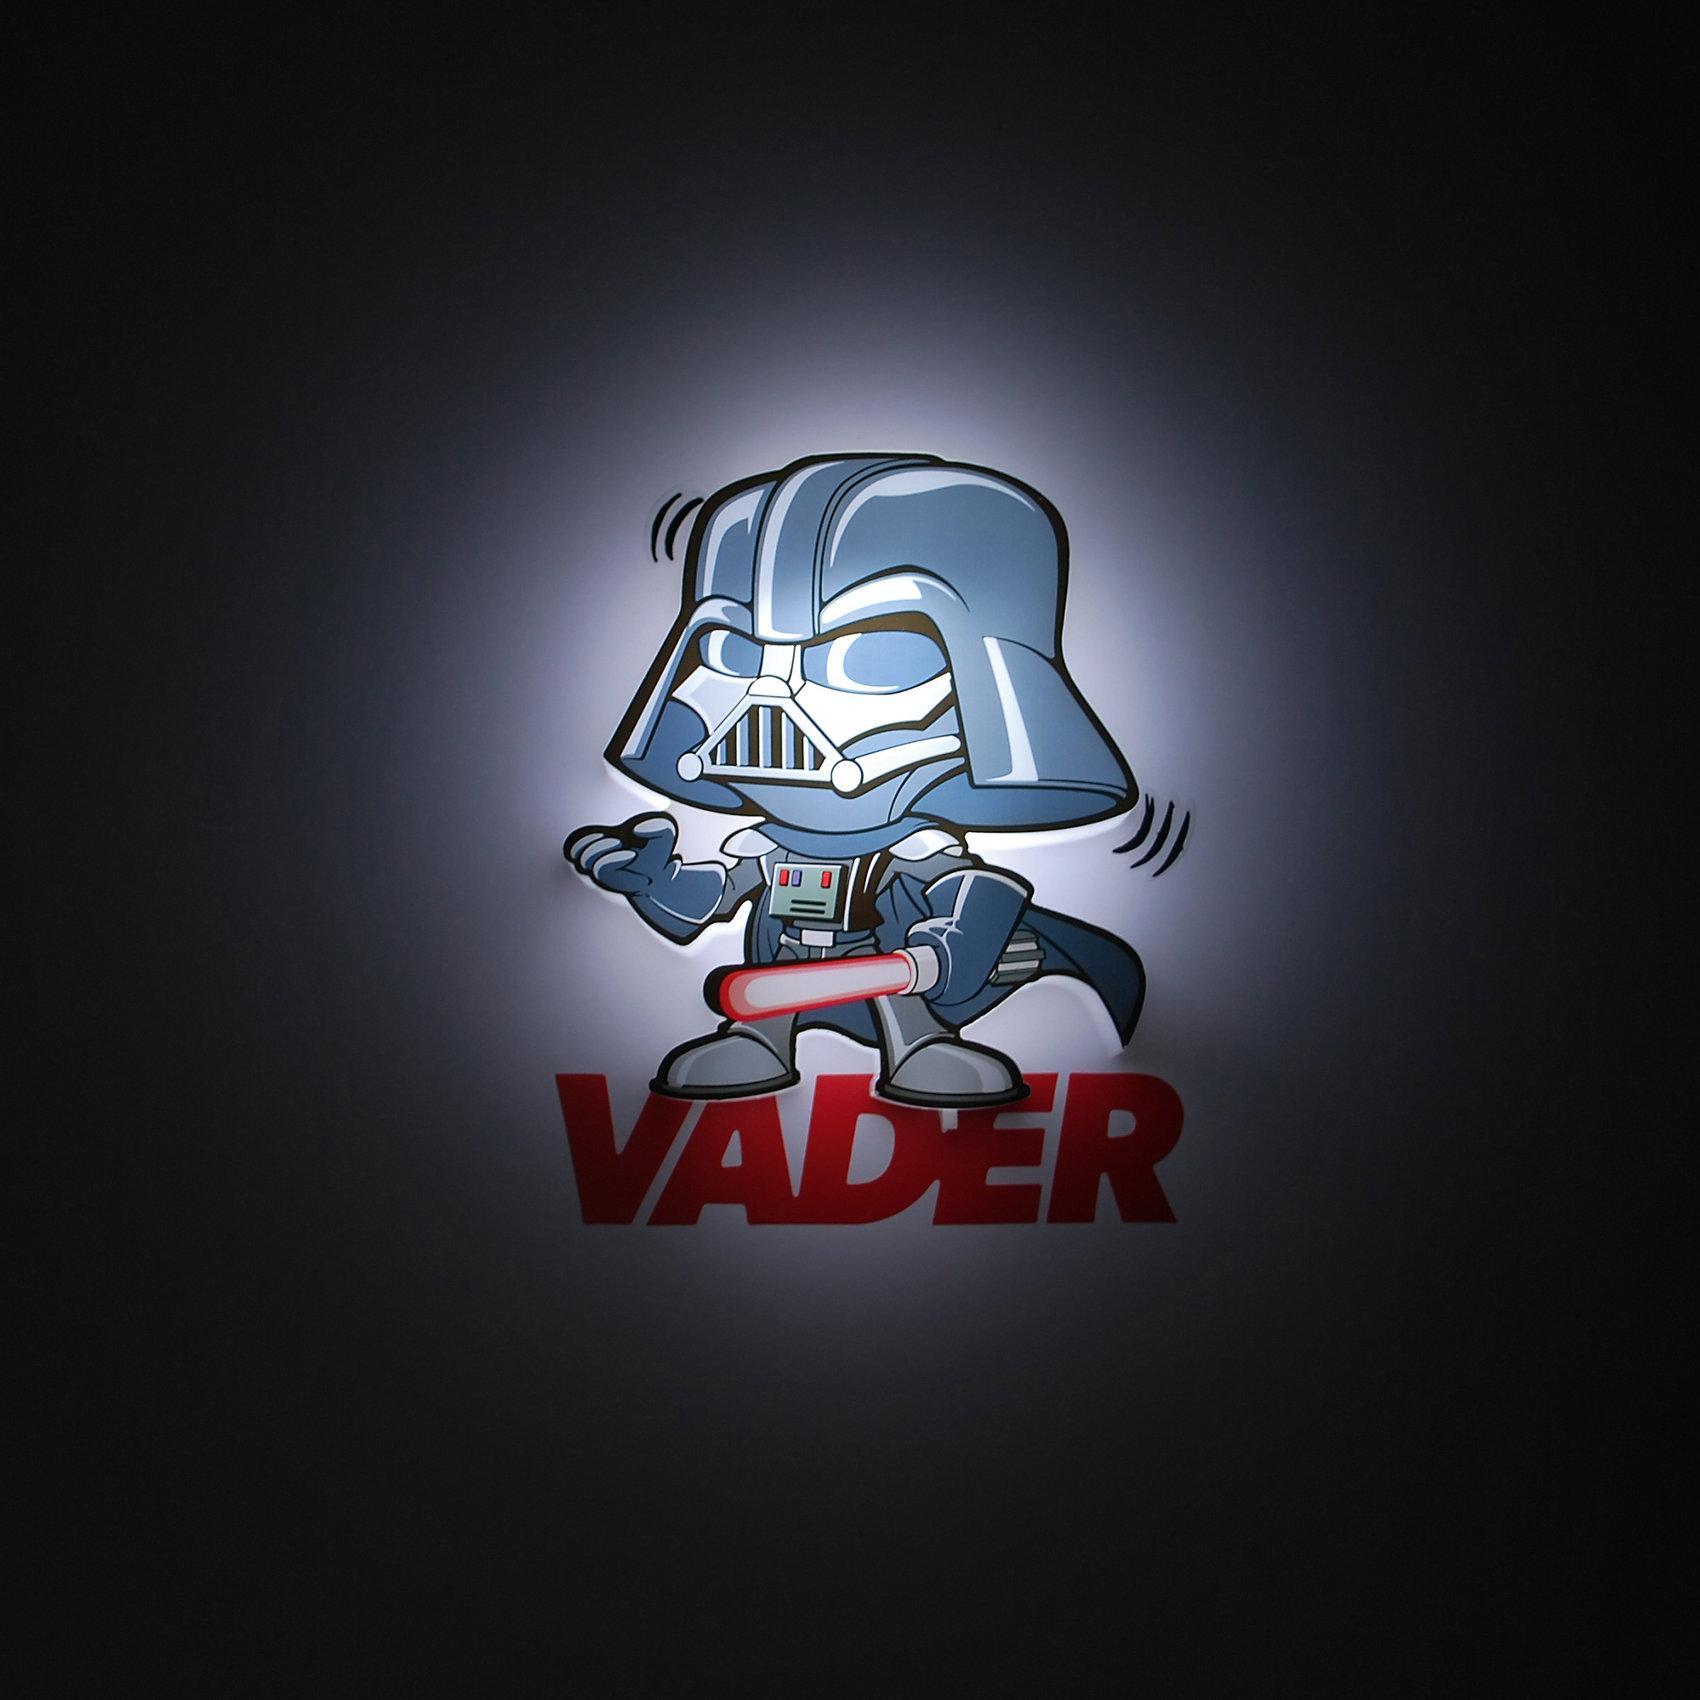 Пробивной мини 3D светильник Дарт Вейдер, Звёздные ВойныЗвездные войны<br>Пробивной мини 3D светильник Дарт Вейдер, Звёздные Войны – станет оригинальным декором для комнаты и подарит приятный мягкий свет.<br>Оригинальный пробивной 3D светильник, выполненный в виде Дарта Вейдера – героя саги Звездные войны, создаст сказочную атмосферу в детской комнате. Мягкое приглушенное свечение наполнит детскую комнату теплом и уютом и избавит ребенка от ночных страхов. В основе работы светильника заложена светодиодная LED-технология, благодаря которой - он лёгкий, затрачивает небольшое количество энергии, не нагревается. Включение и выключения светильника выполняется путем передвижения рычажка. Приятным дополнением к светильнику служат тематические наклейки для декора.<br><br>Дополнительная информация:<br><br>- В комплекте: светильник; наклейки; крепеж<br>- Товар предназначен для детей старше 3 лет<br>- Безопасный: без проводов, работает от батареек (2хААА, не входят в комплект)<br>- Используются светодиоды: LED технология<br>- Не нагревается: всегда можно дотронуться до изделия<br>- Фантастический: выглядит превосходно в любое время суток<br>- Удобный: простая установка (автоматическое выключение через полчаса непрерывной работы)<br>- Материал: пластик, металл<br>- Размер светильника: 13,2х12,5х3 см.<br>- Размер упаковки: 16,9х4,1х16 см.<br>- Вес: 160 г.<br>- ВНИМАНИЕ! Содержит мелкие детали, использовать под непосредственным наблюдением взрослых<br>- Страна происхождения: Китай<br>- Дизайн и разработка: Канада<br><br>Пробивной мини 3D светильник Дарт Вейдер, Звёздные Войны можно купить в нашем интернет-магазине.<br><br>Ширина мм: 169<br>Глубина мм: 41<br>Высота мм: 160<br>Вес г: 160<br>Возраст от месяцев: 36<br>Возраст до месяцев: 2147483647<br>Пол: Унисекс<br>Возраст: Детский<br>SKU: 4566034